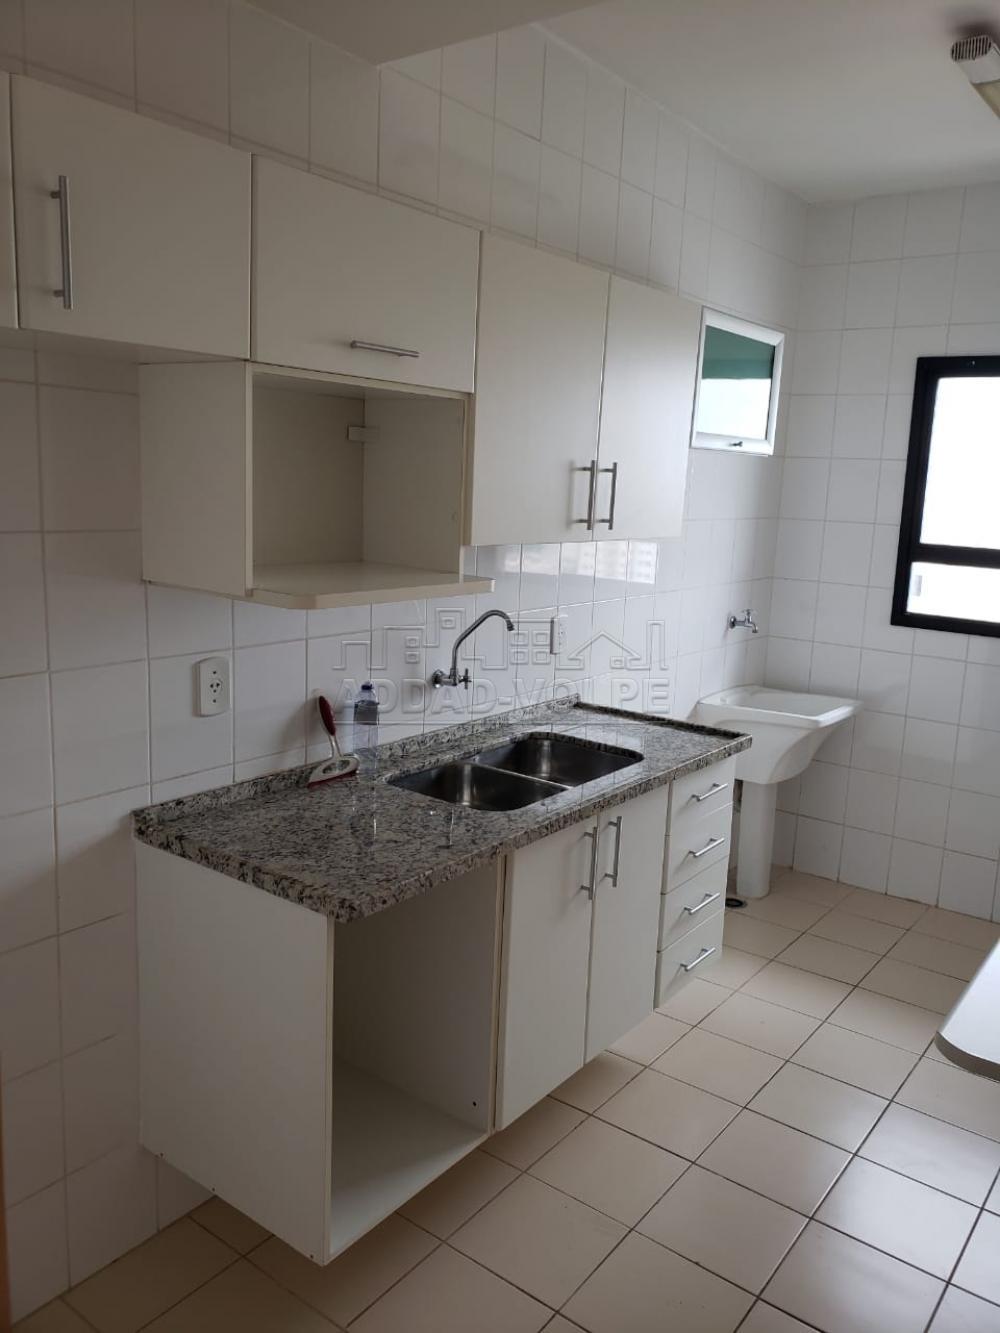 Alugar Apartamento / Cobertura em Bauru apenas R$ 1.500,00 - Foto 3